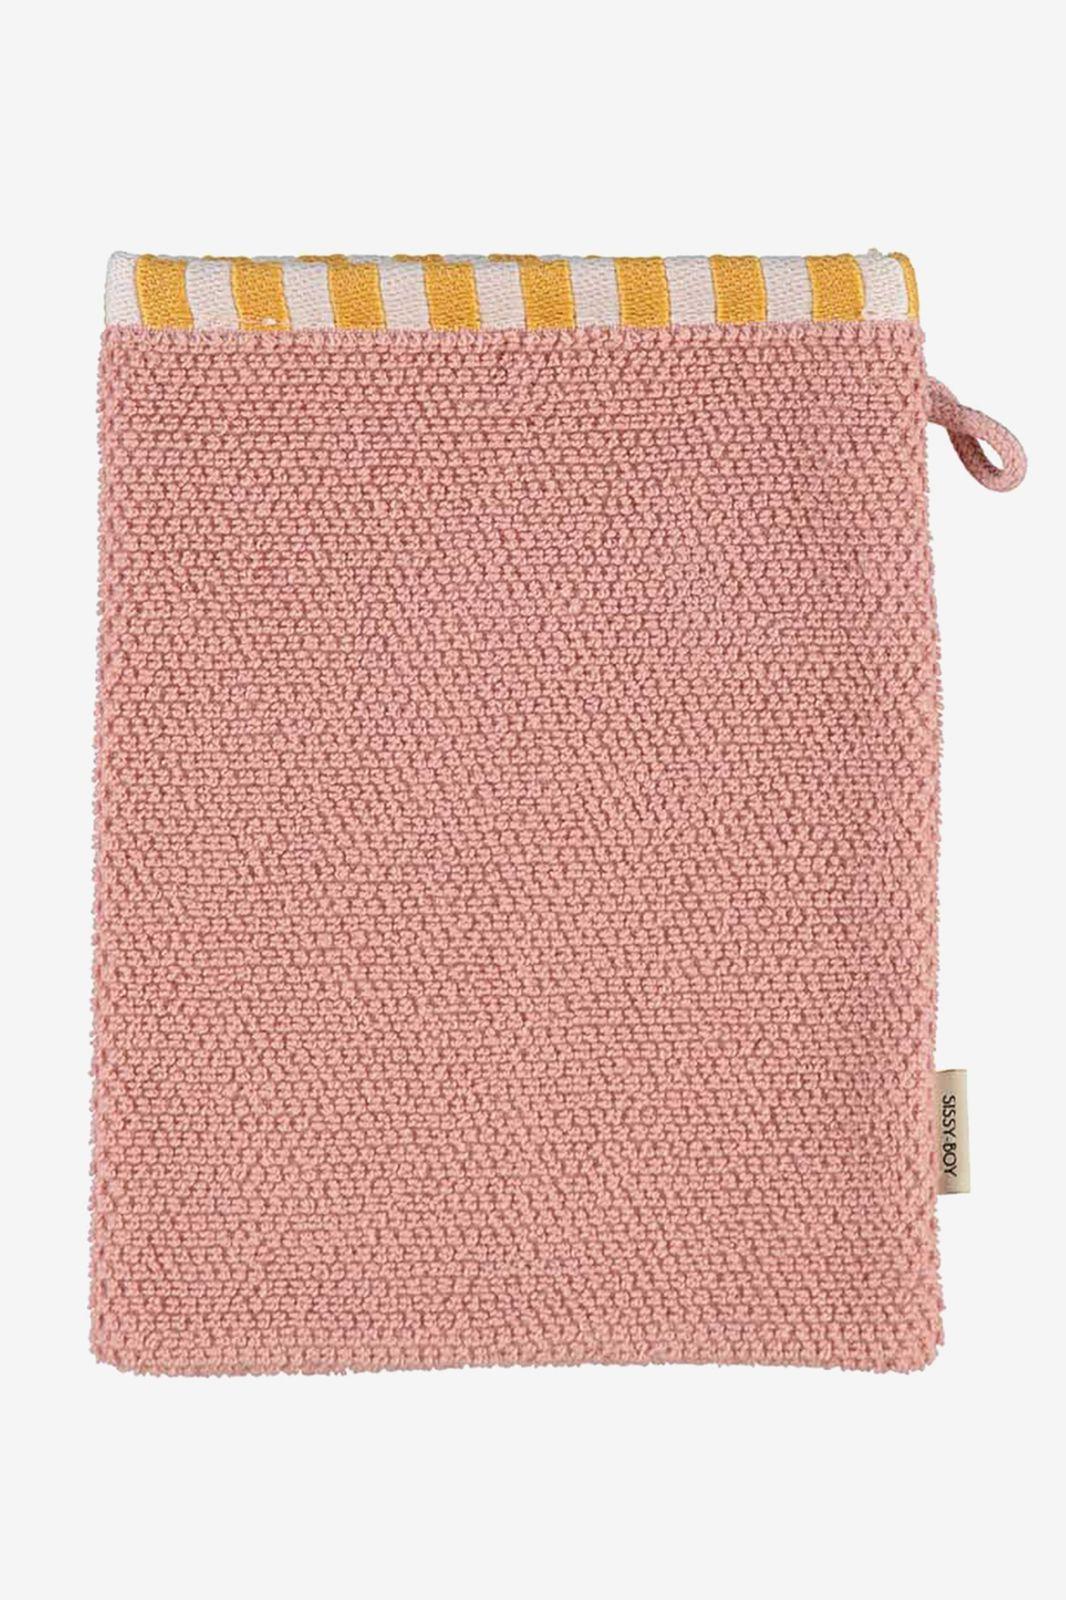 Washand roze met gestreepte border